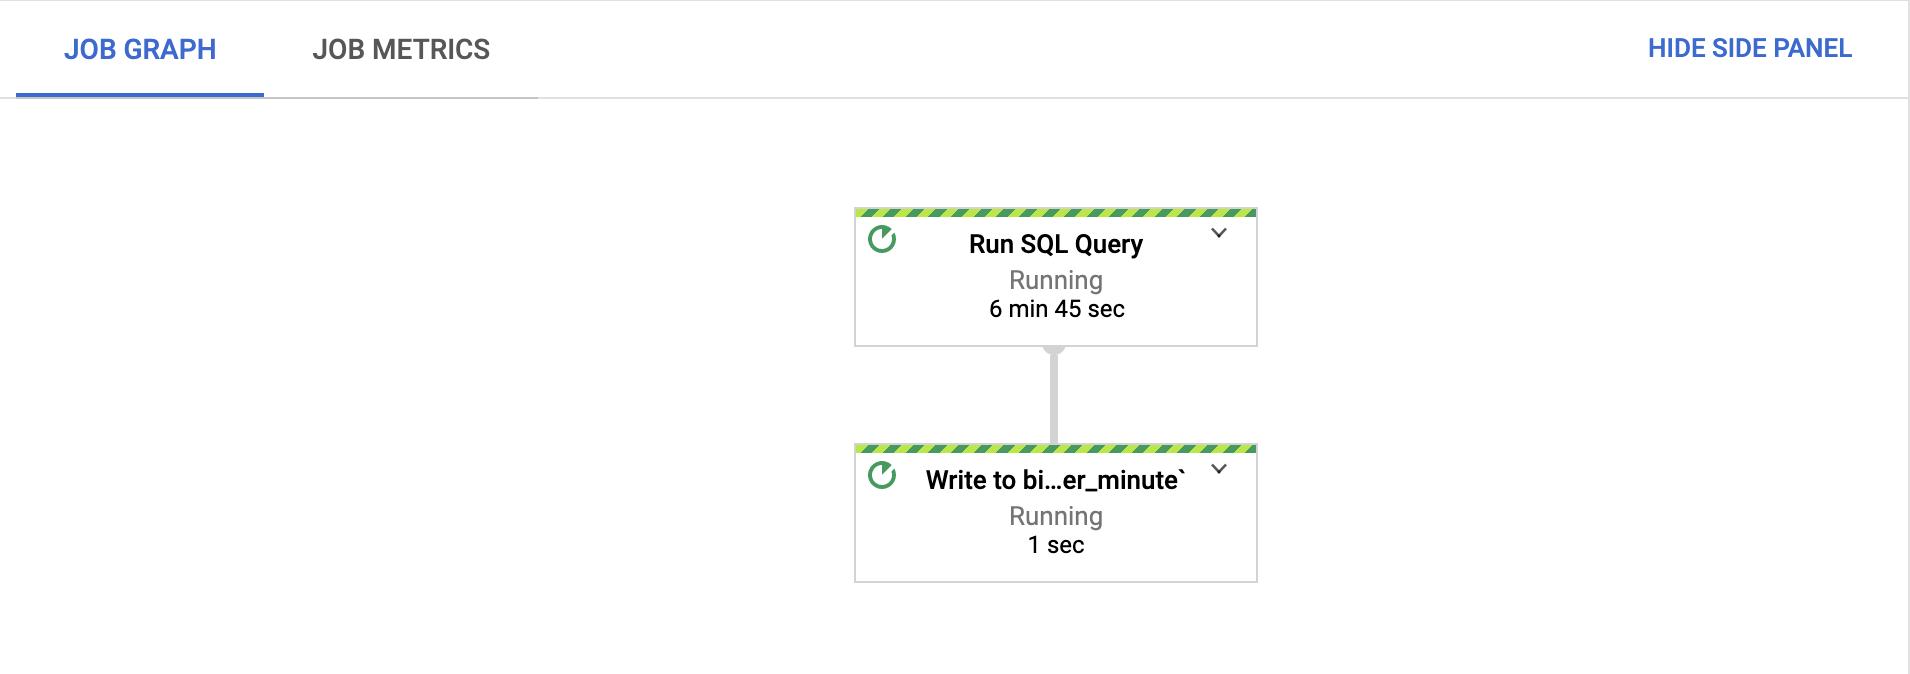 2 つの複合ステップを含む Dataflow ジョブグラフ。最初のステップは 6 分 45 秒間、2 つ目のステップは 1 秒間実行されます。